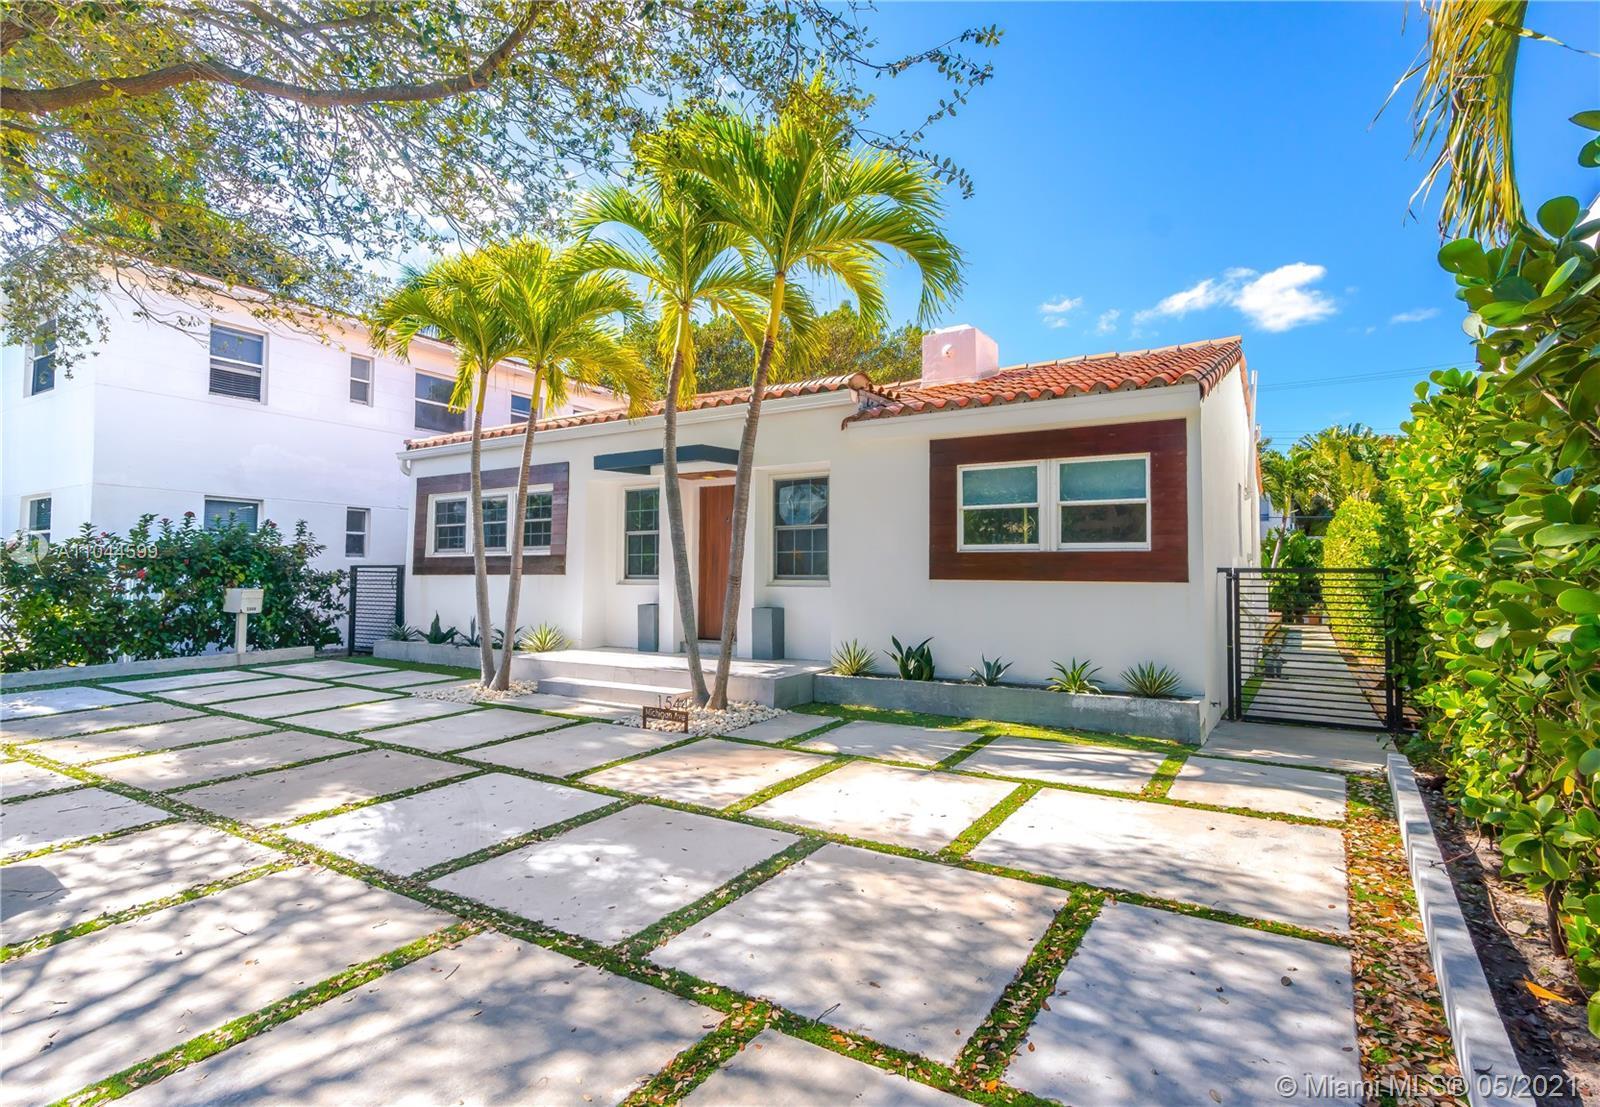 Ocean Beach - 1544 Michigan Ave, Miami Beach, FL 33139